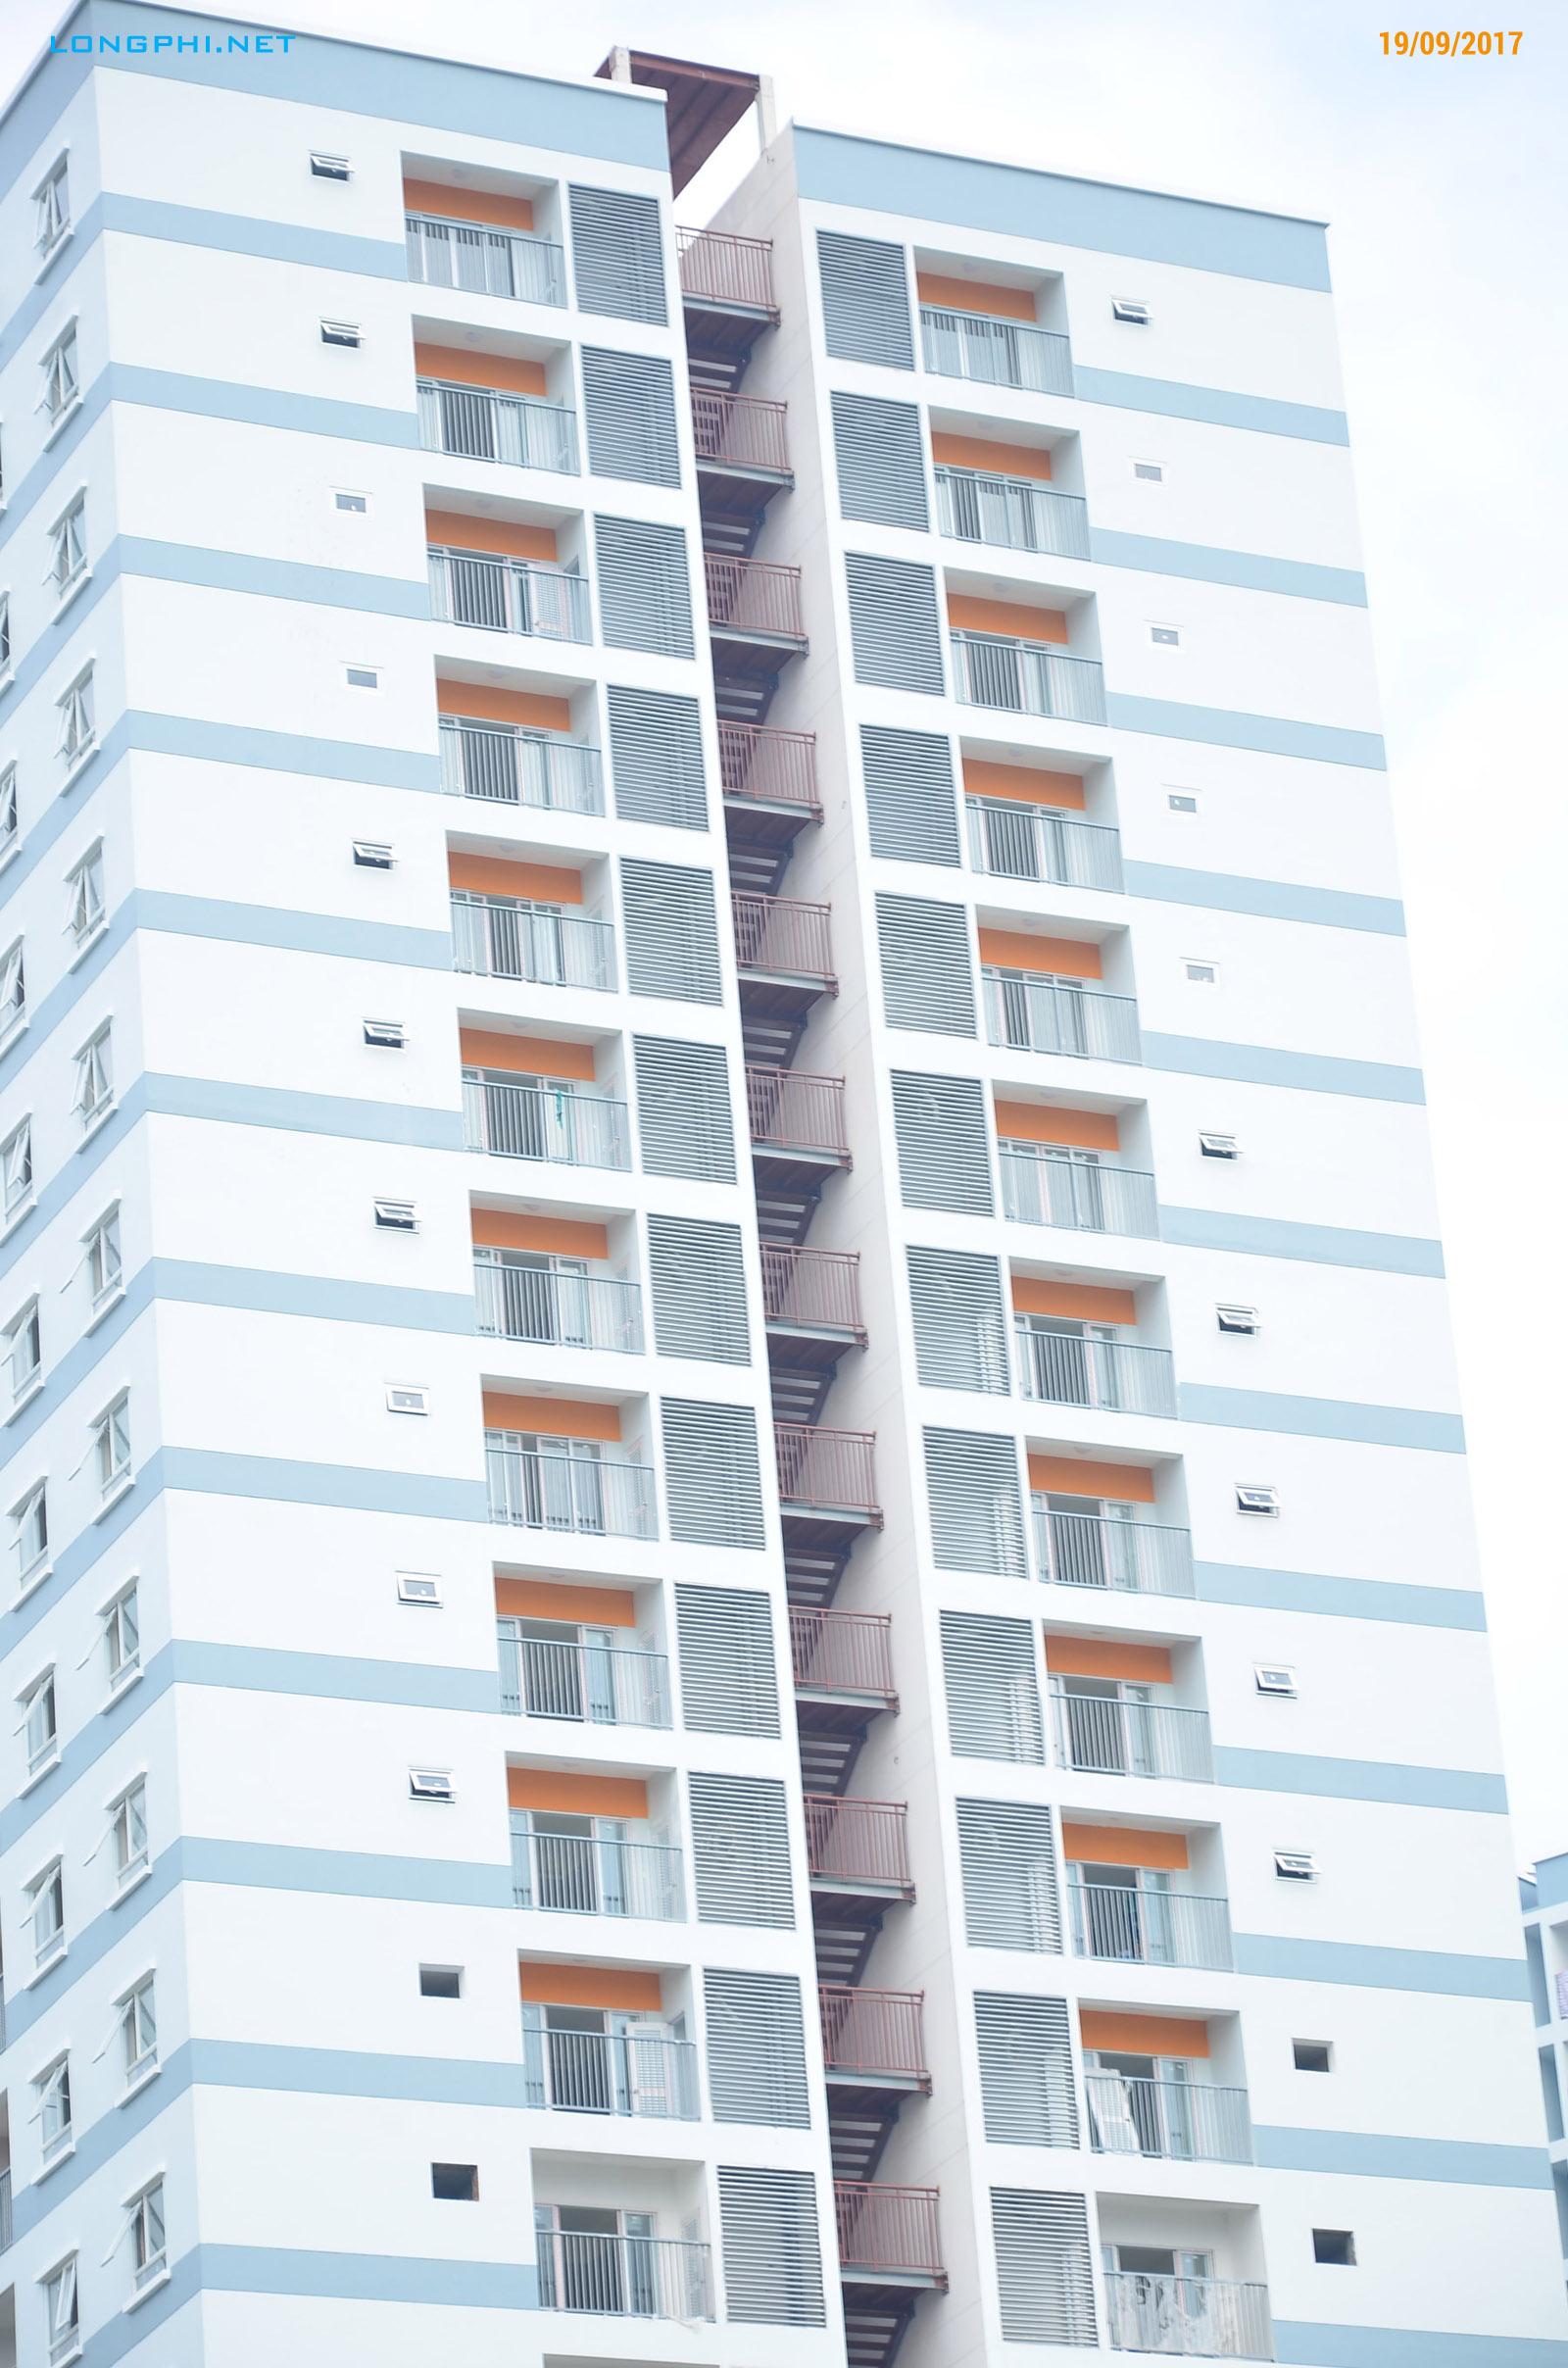 Tháp Nam Jamona Apartment nhìn mặt bên hông, công tác hoàn thiện mặt ngoài.